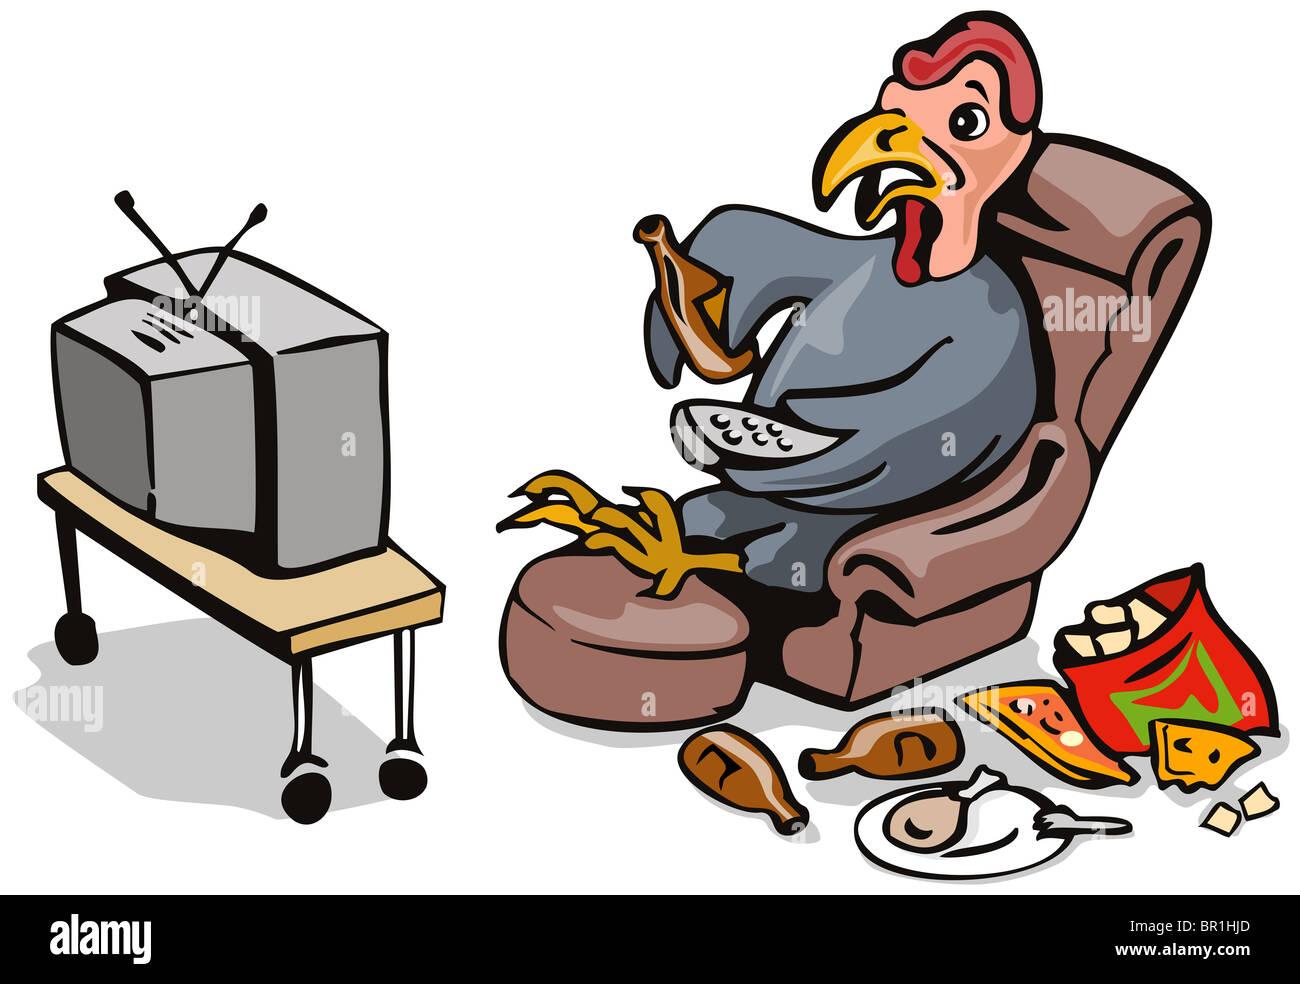 Katze Vor Dem Fernseher Bild: Cartoon Illustration Einer Faulen Stubenhocker Türkei